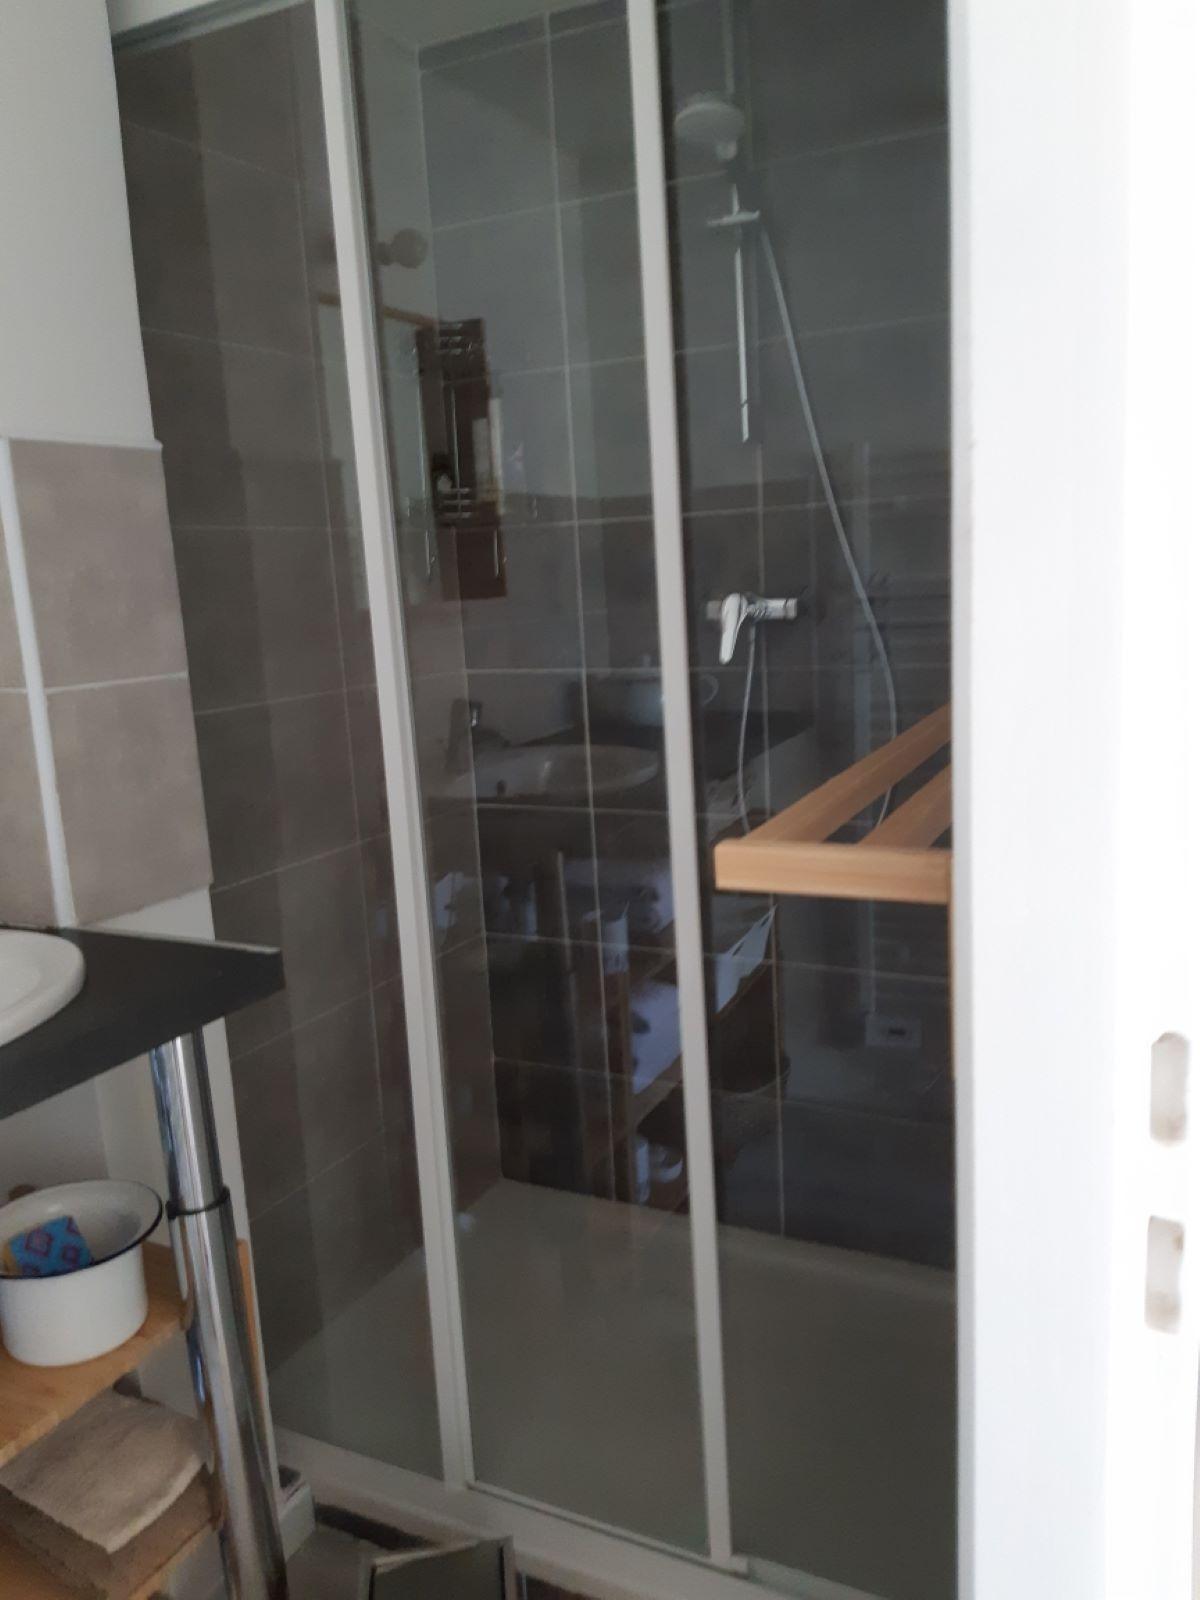 resized 20200903 155012002 - ANCELLE T4 DE 84 m² ( 6 COUCHAGES) AU CENTRE DU VILLAGE